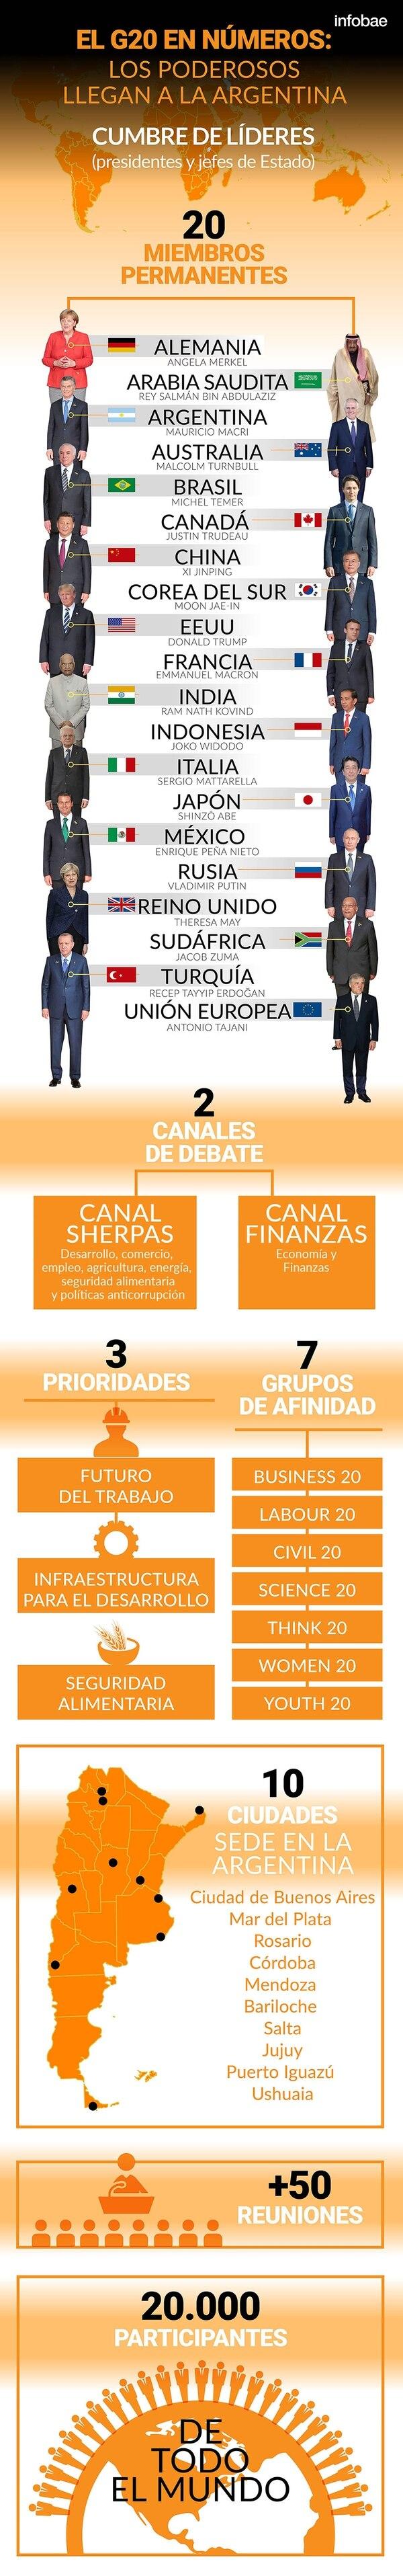 La Argentina asume la presidencia del G20: todo lo que hay que saber